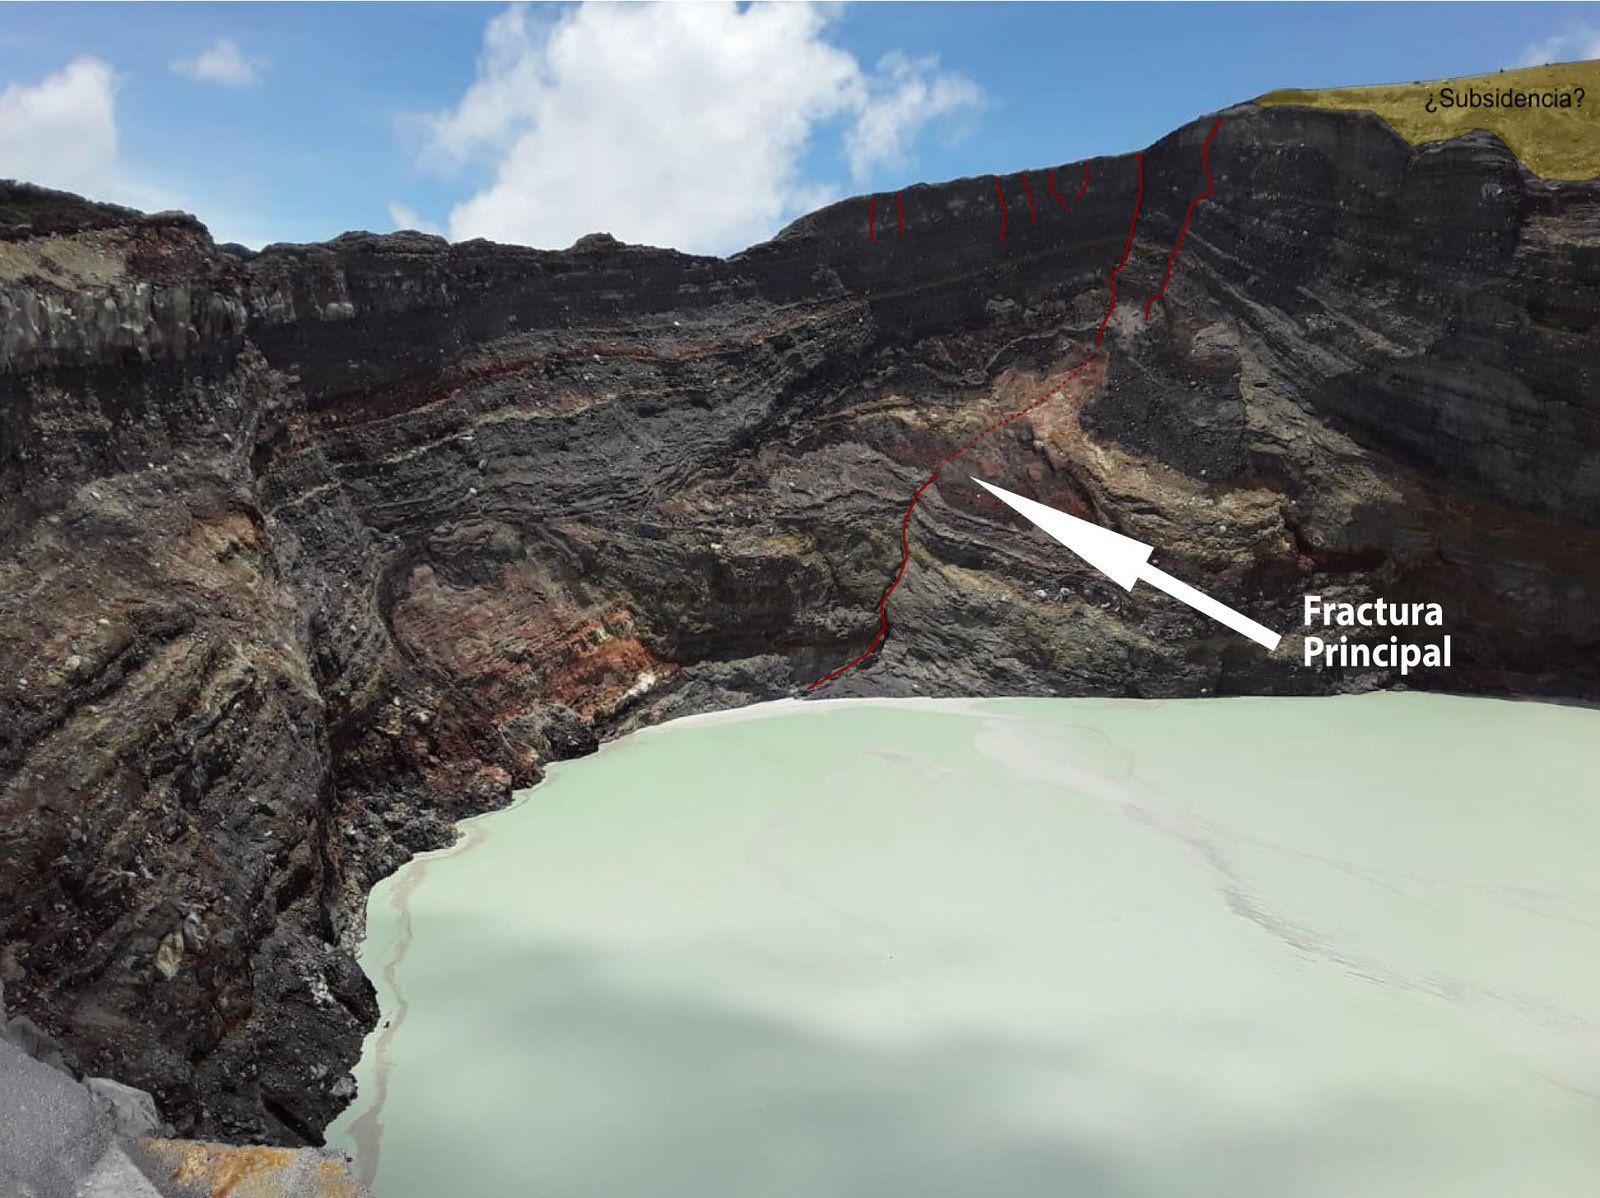 Rincon de la Vieja  - fracture principale dans parois du cratère actif - photo 28.08.2019  AC Guanacaste